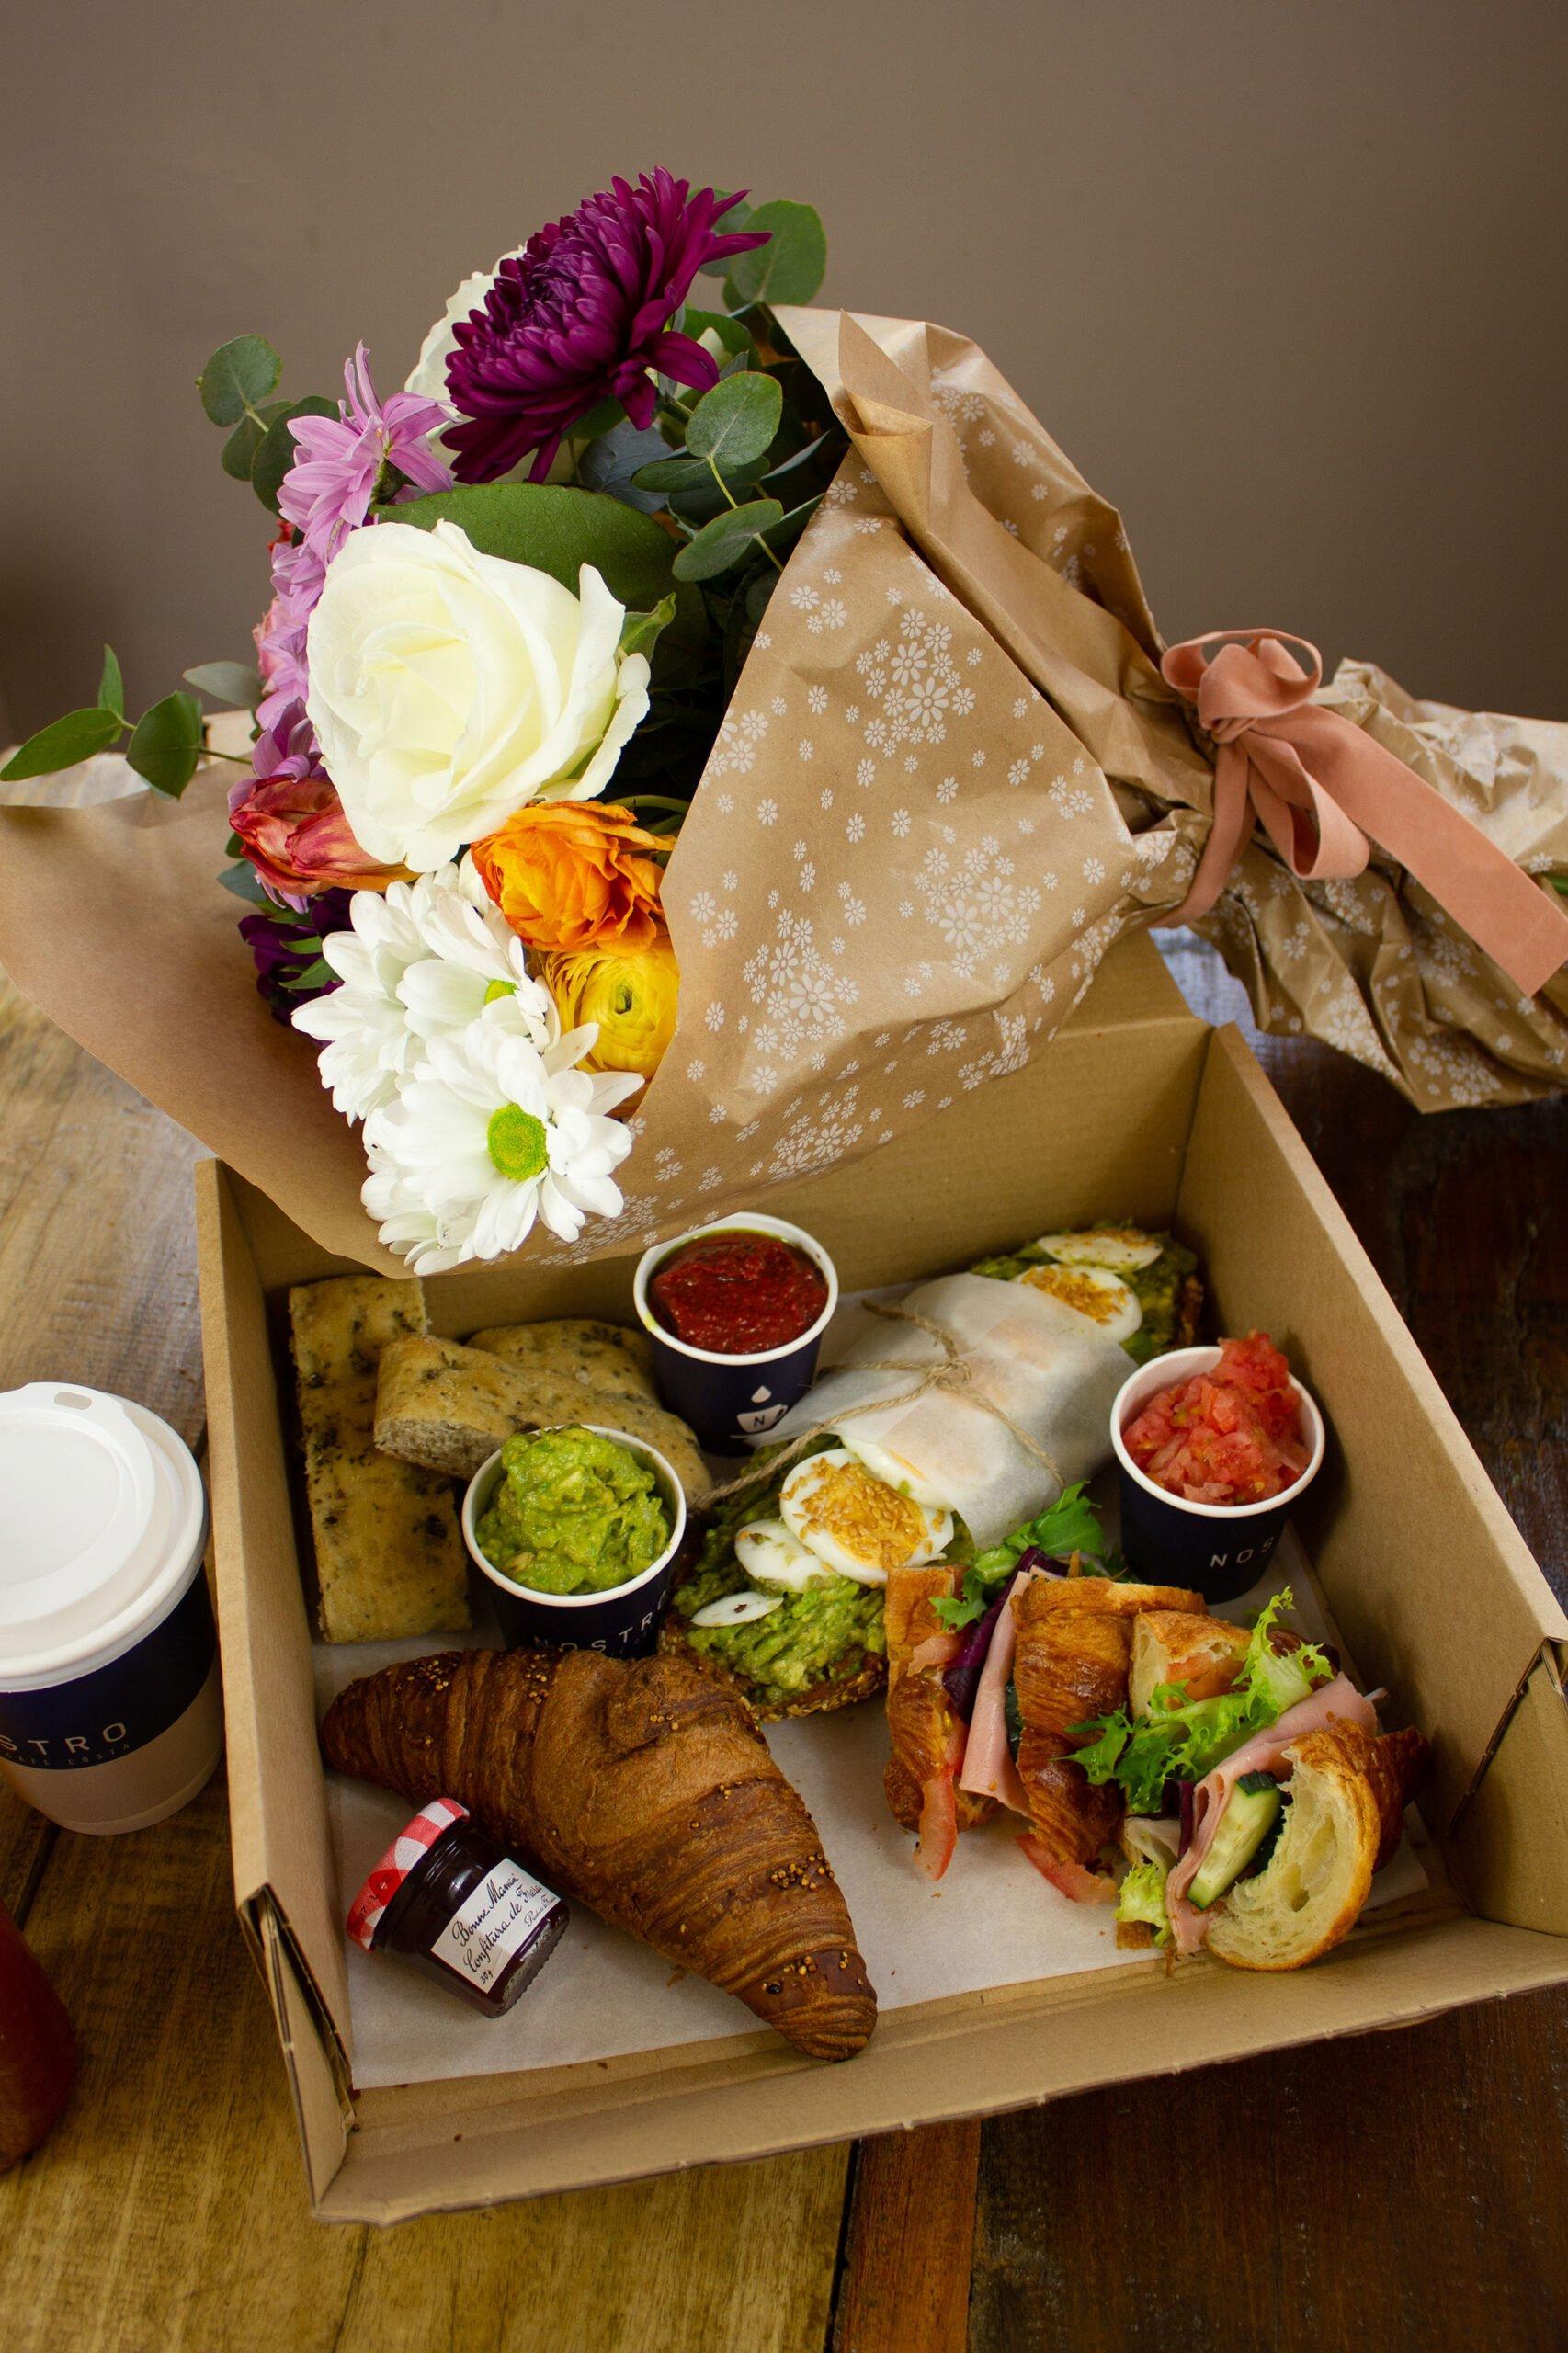 Combinación de caja de desayuno y ramo de flores para el Día de la Madre – Nostro Café Costa